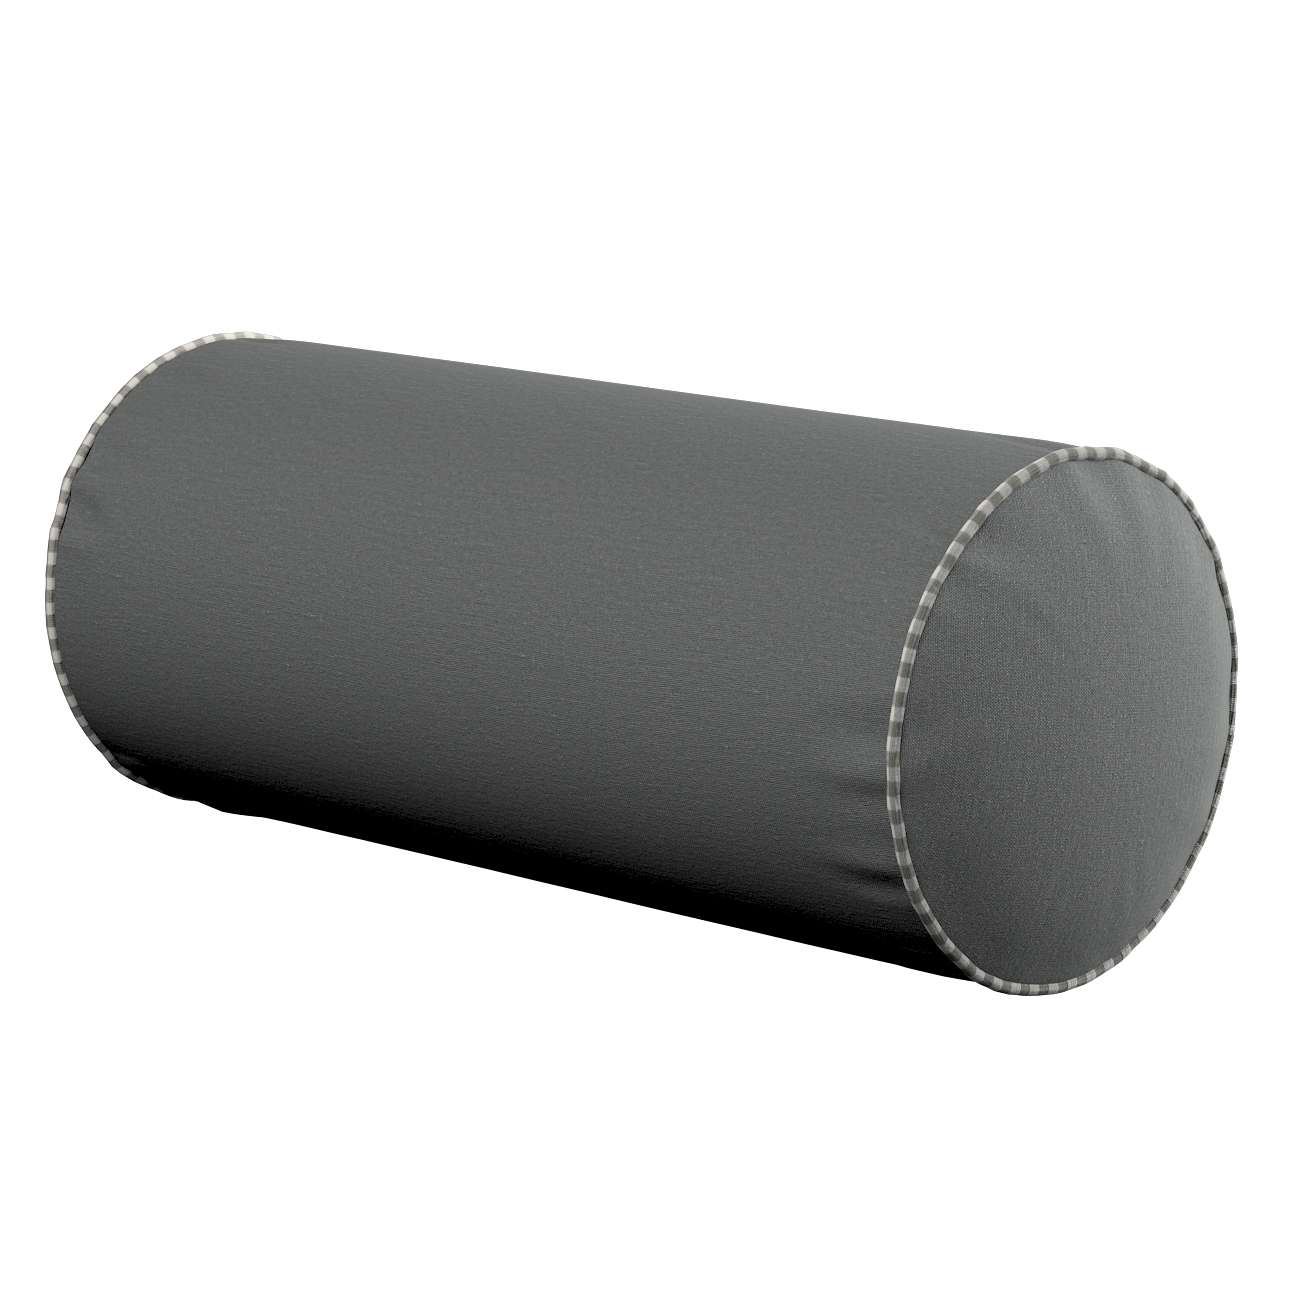 Einfache Nackenrolle Ø 16 x 40 cm von der Kollektion Quadro, Stoff: 136-14